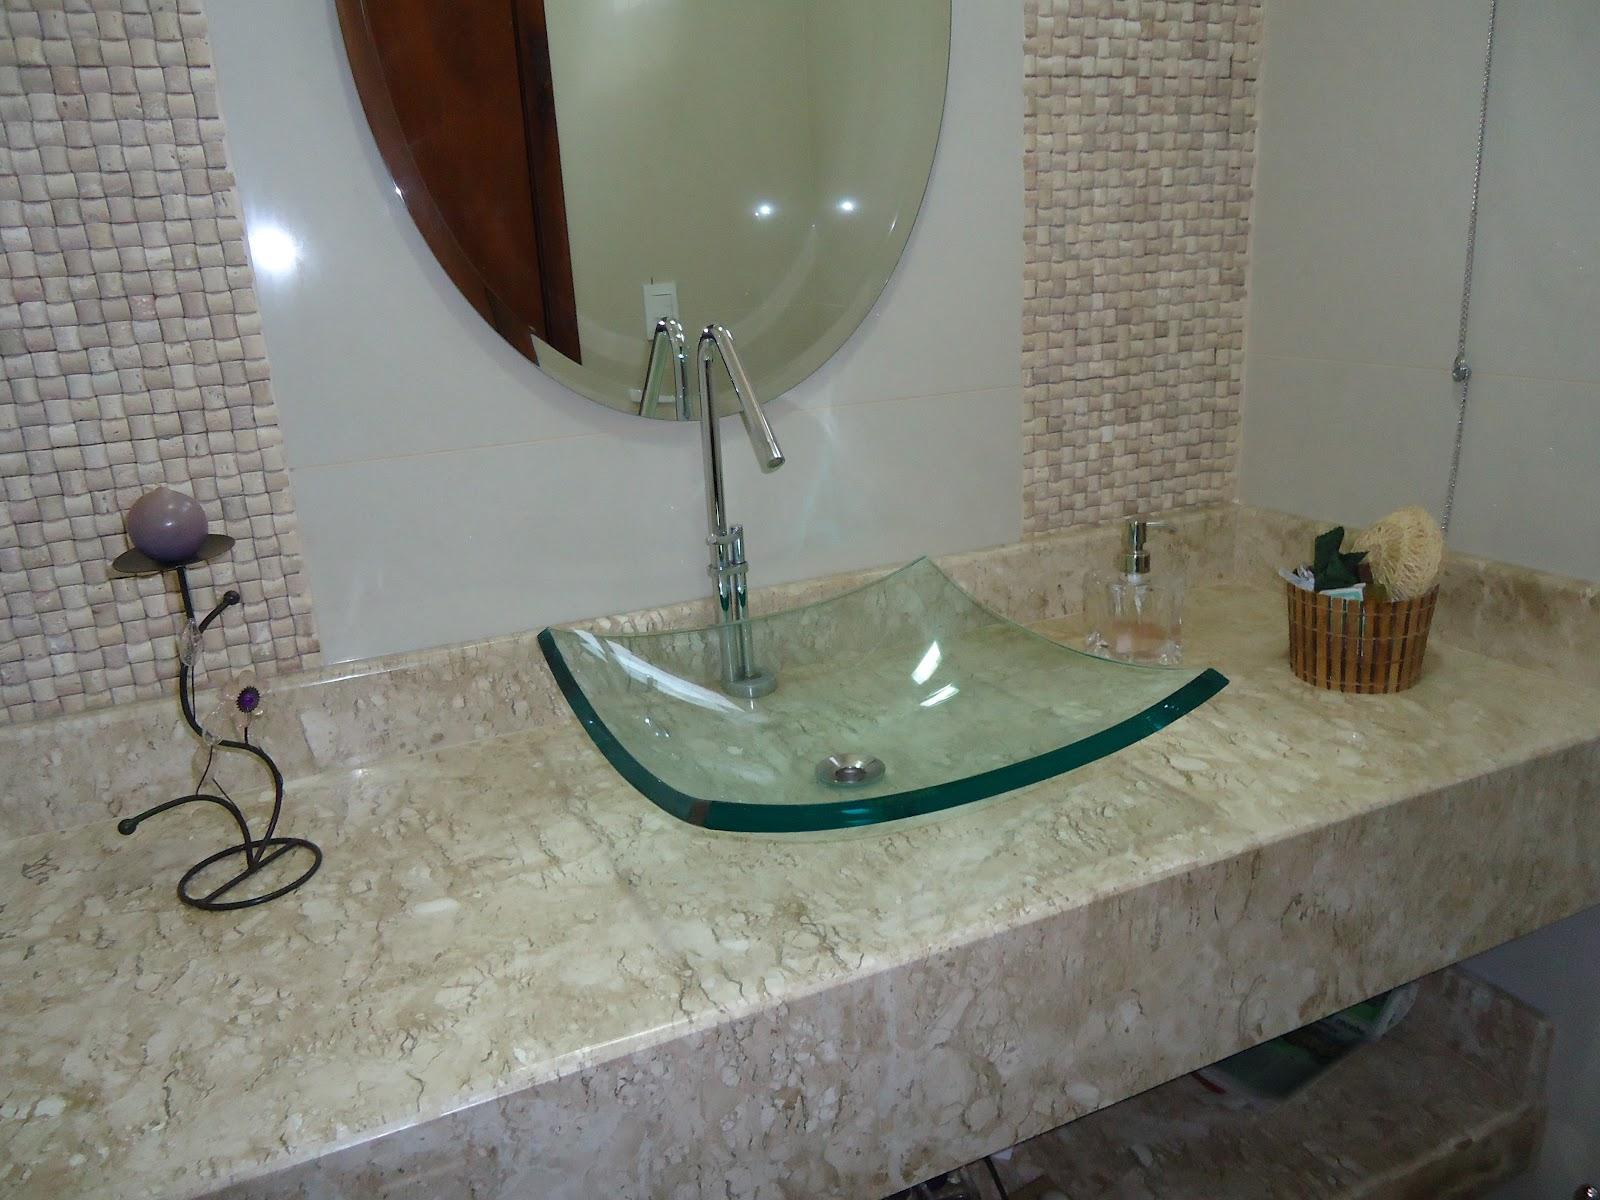 Cuba De Vidro Design E Funcionalidade No Banheiro Ps Do Vidro